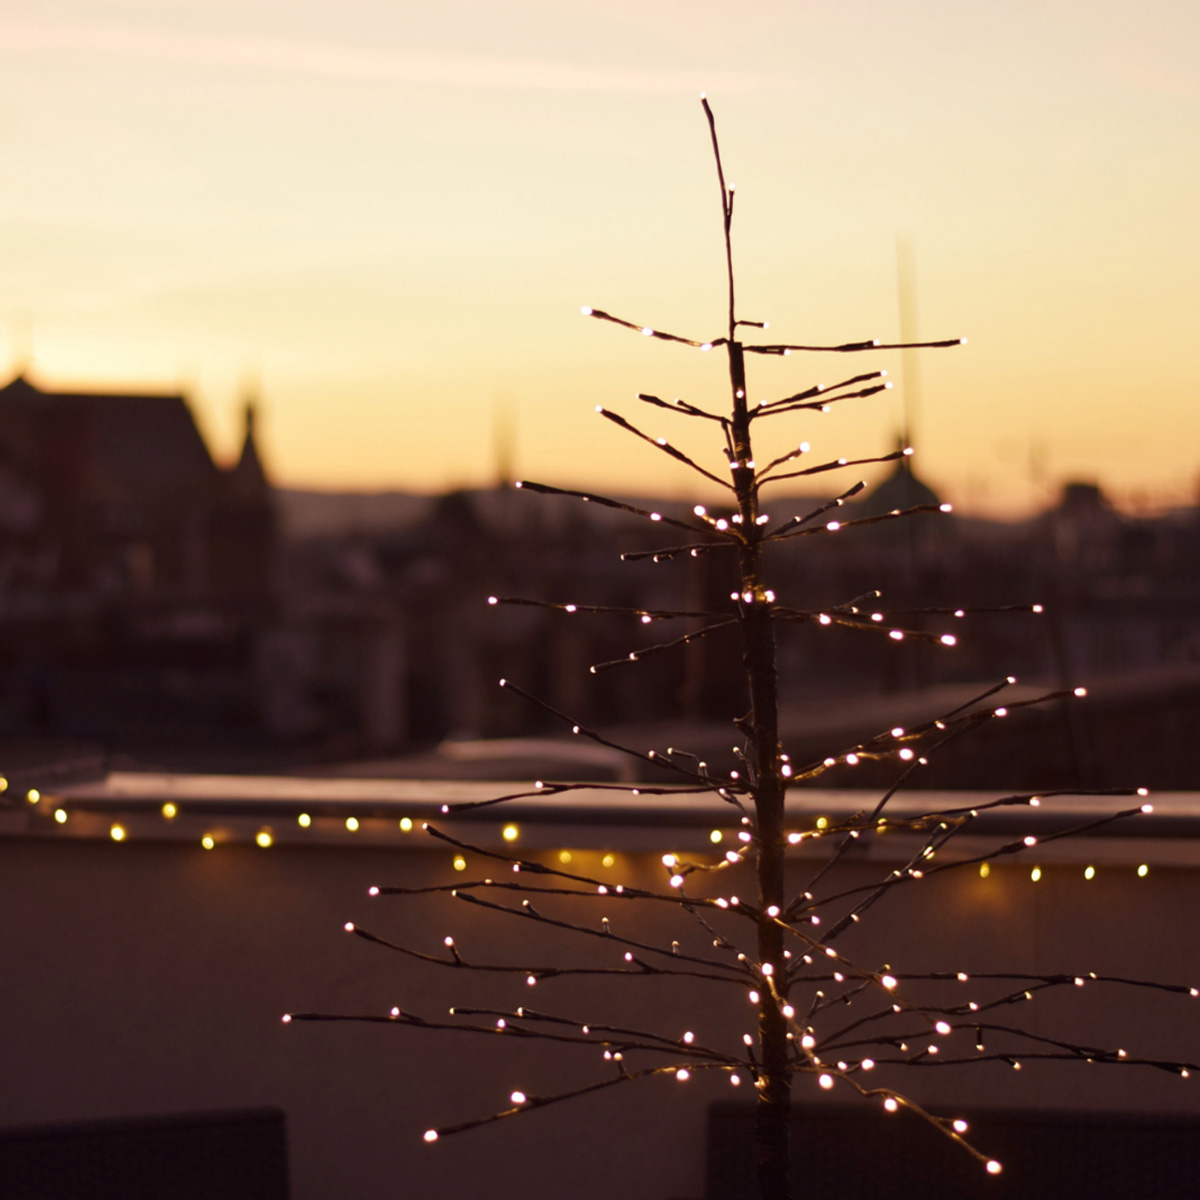 Wir wünschen frohe Weihnachten & guten Rutsch